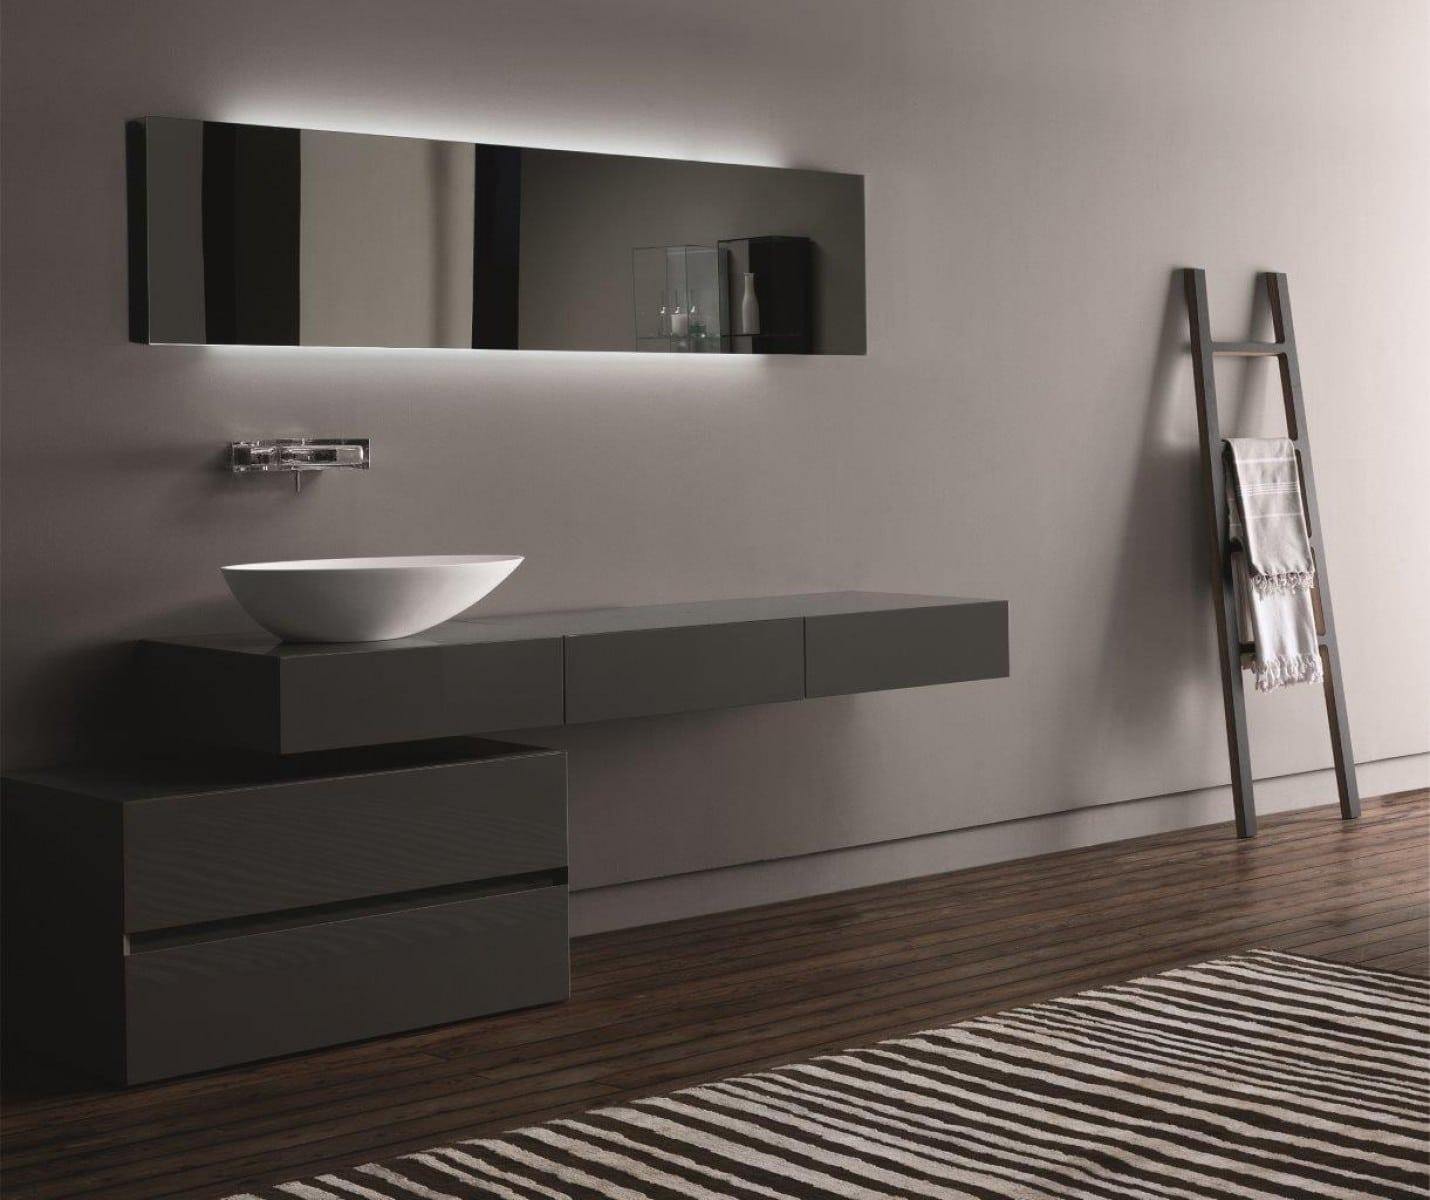 Dise o de cuartos de ba o modernos fotos construye hogar - Diseno de bano ...